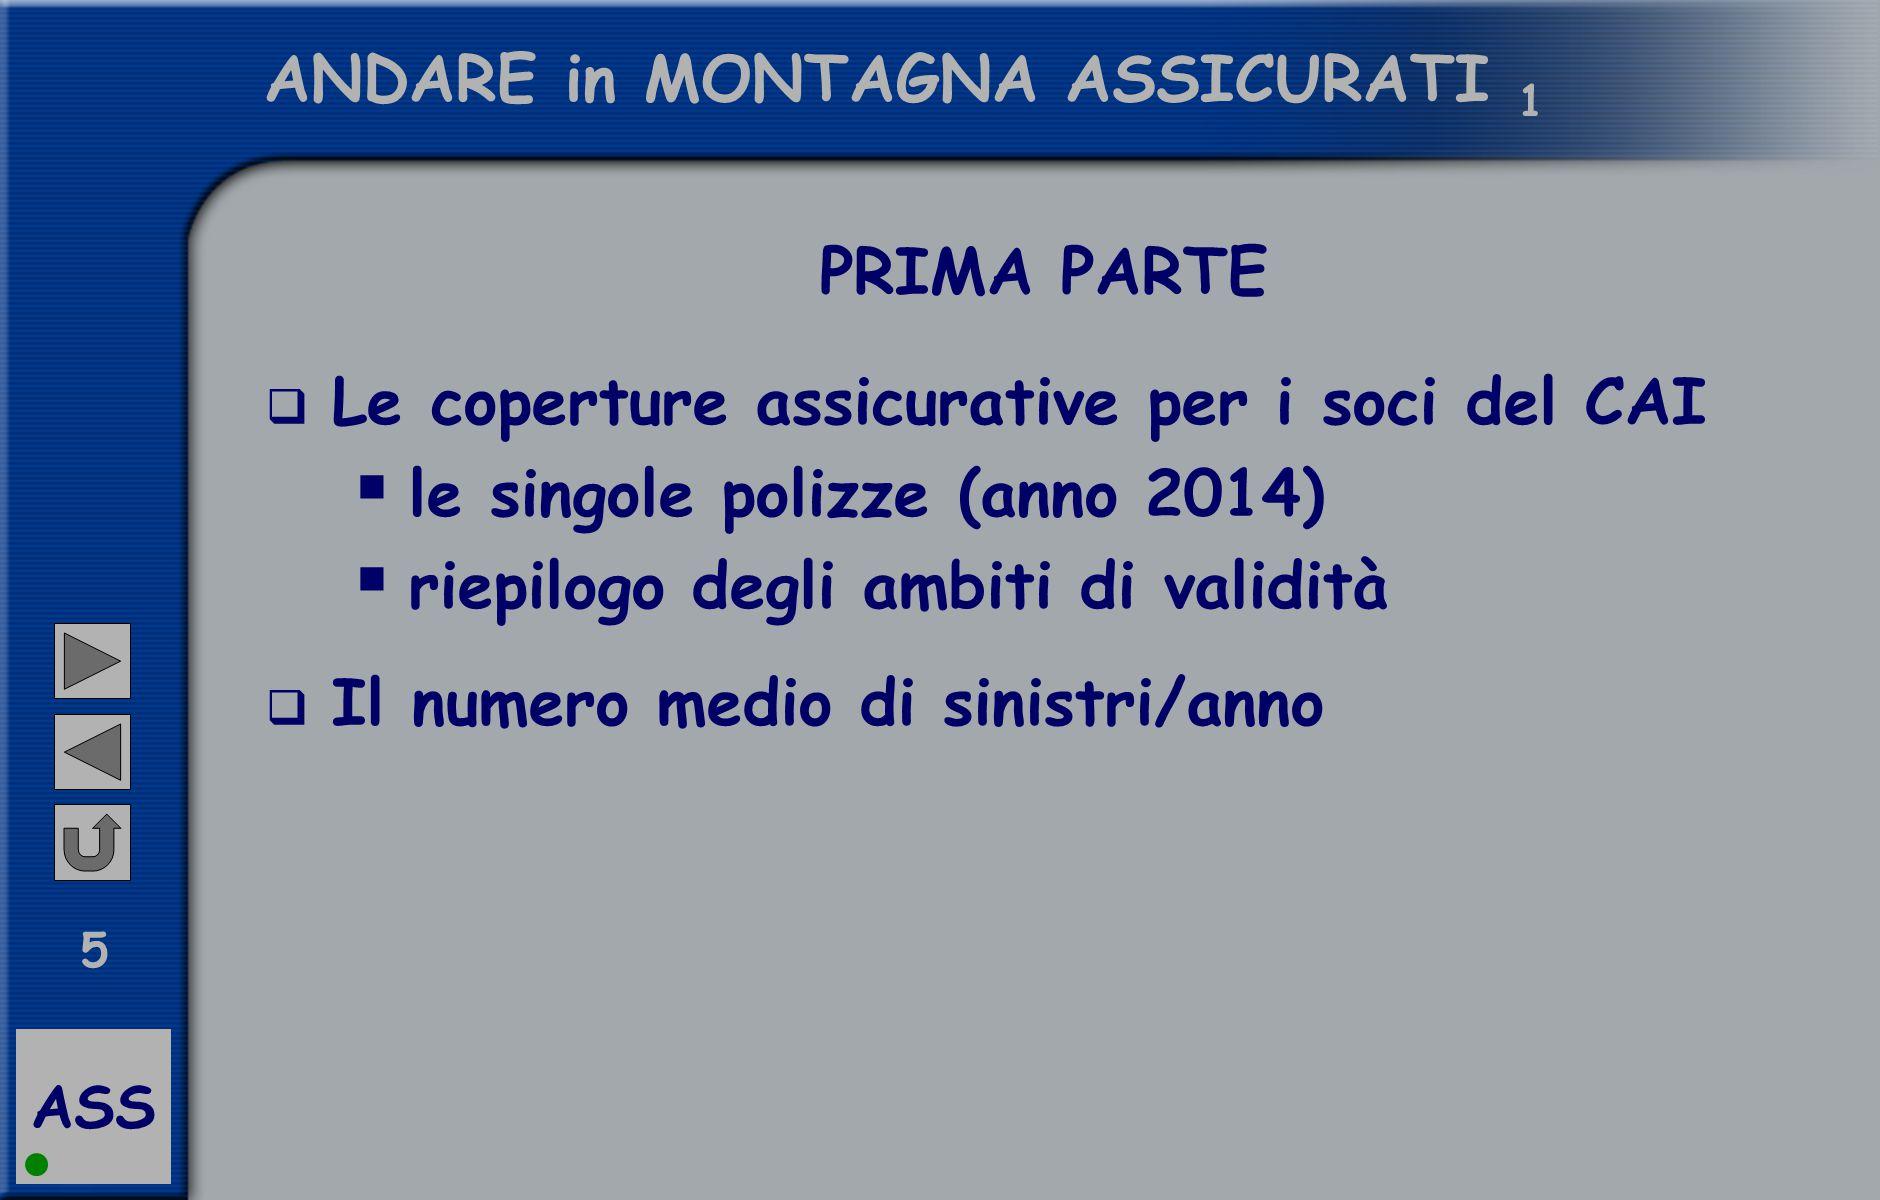 ASS 26 COPERTURE ASSICURATIVE per i SOCI